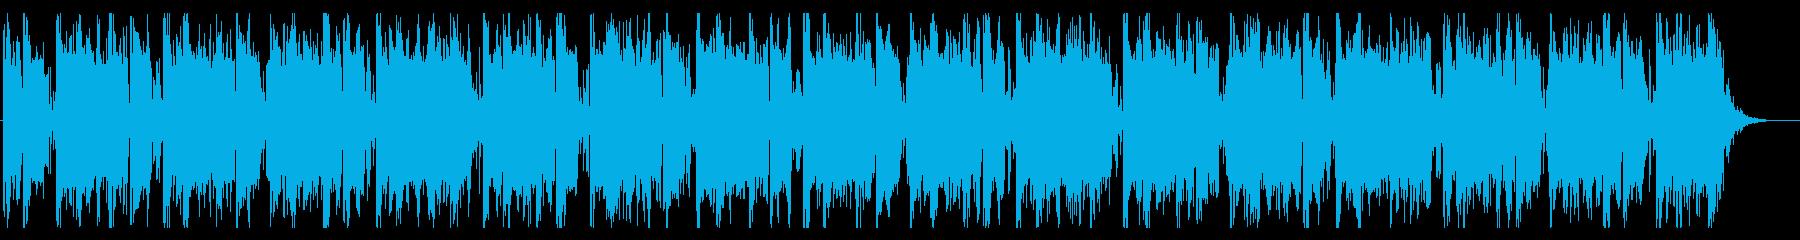 踊り出す雰囲気のEDMの再生済みの波形